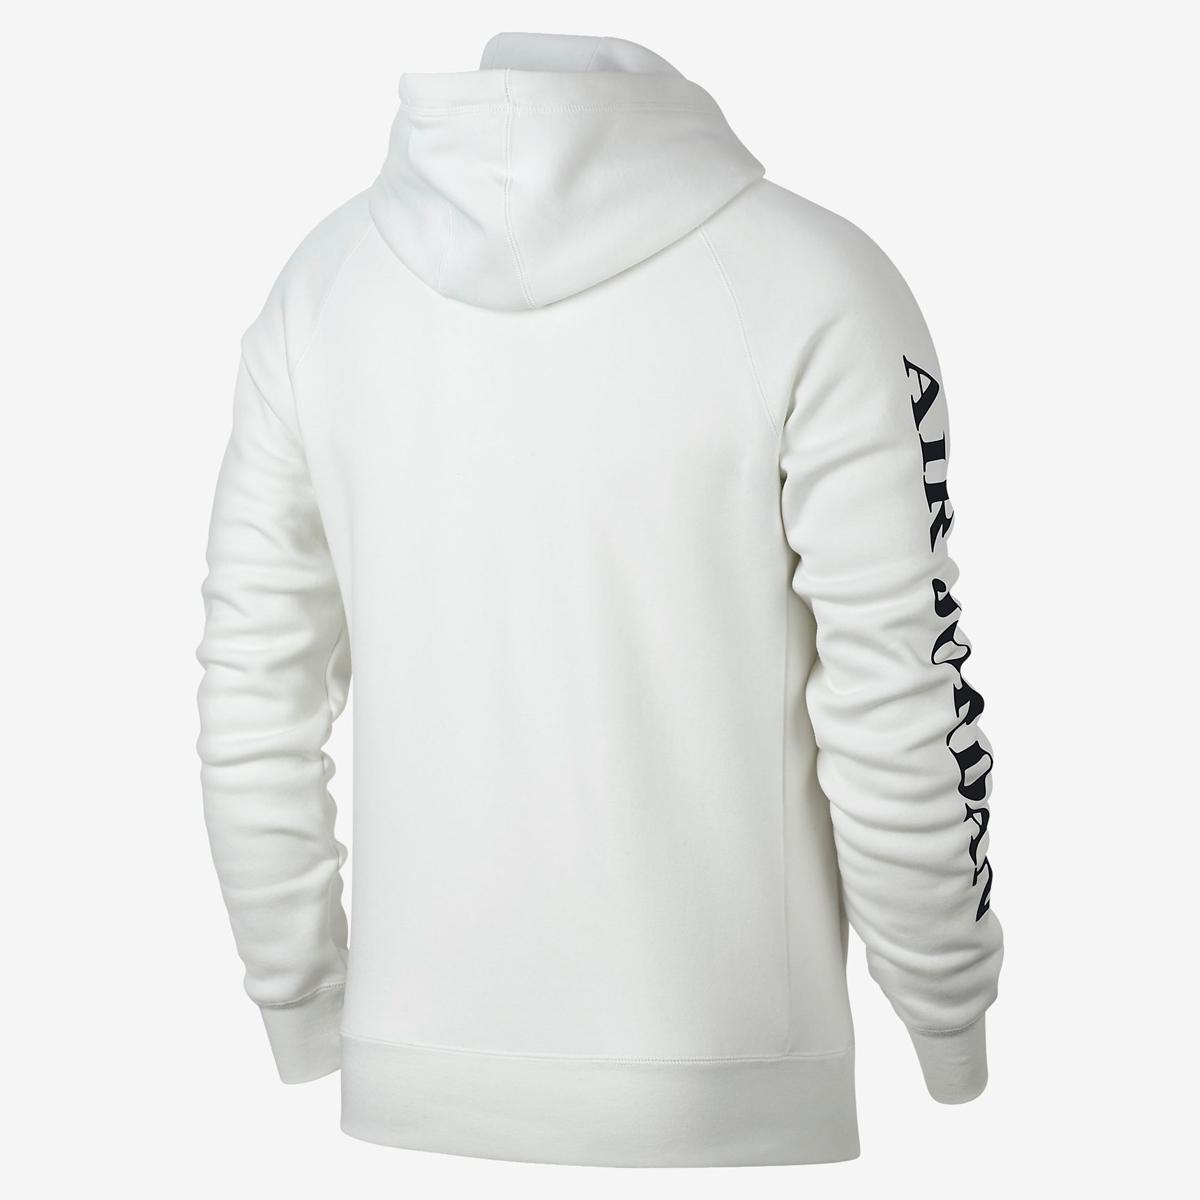 jordan-9-city-of-flight-hoodie-2